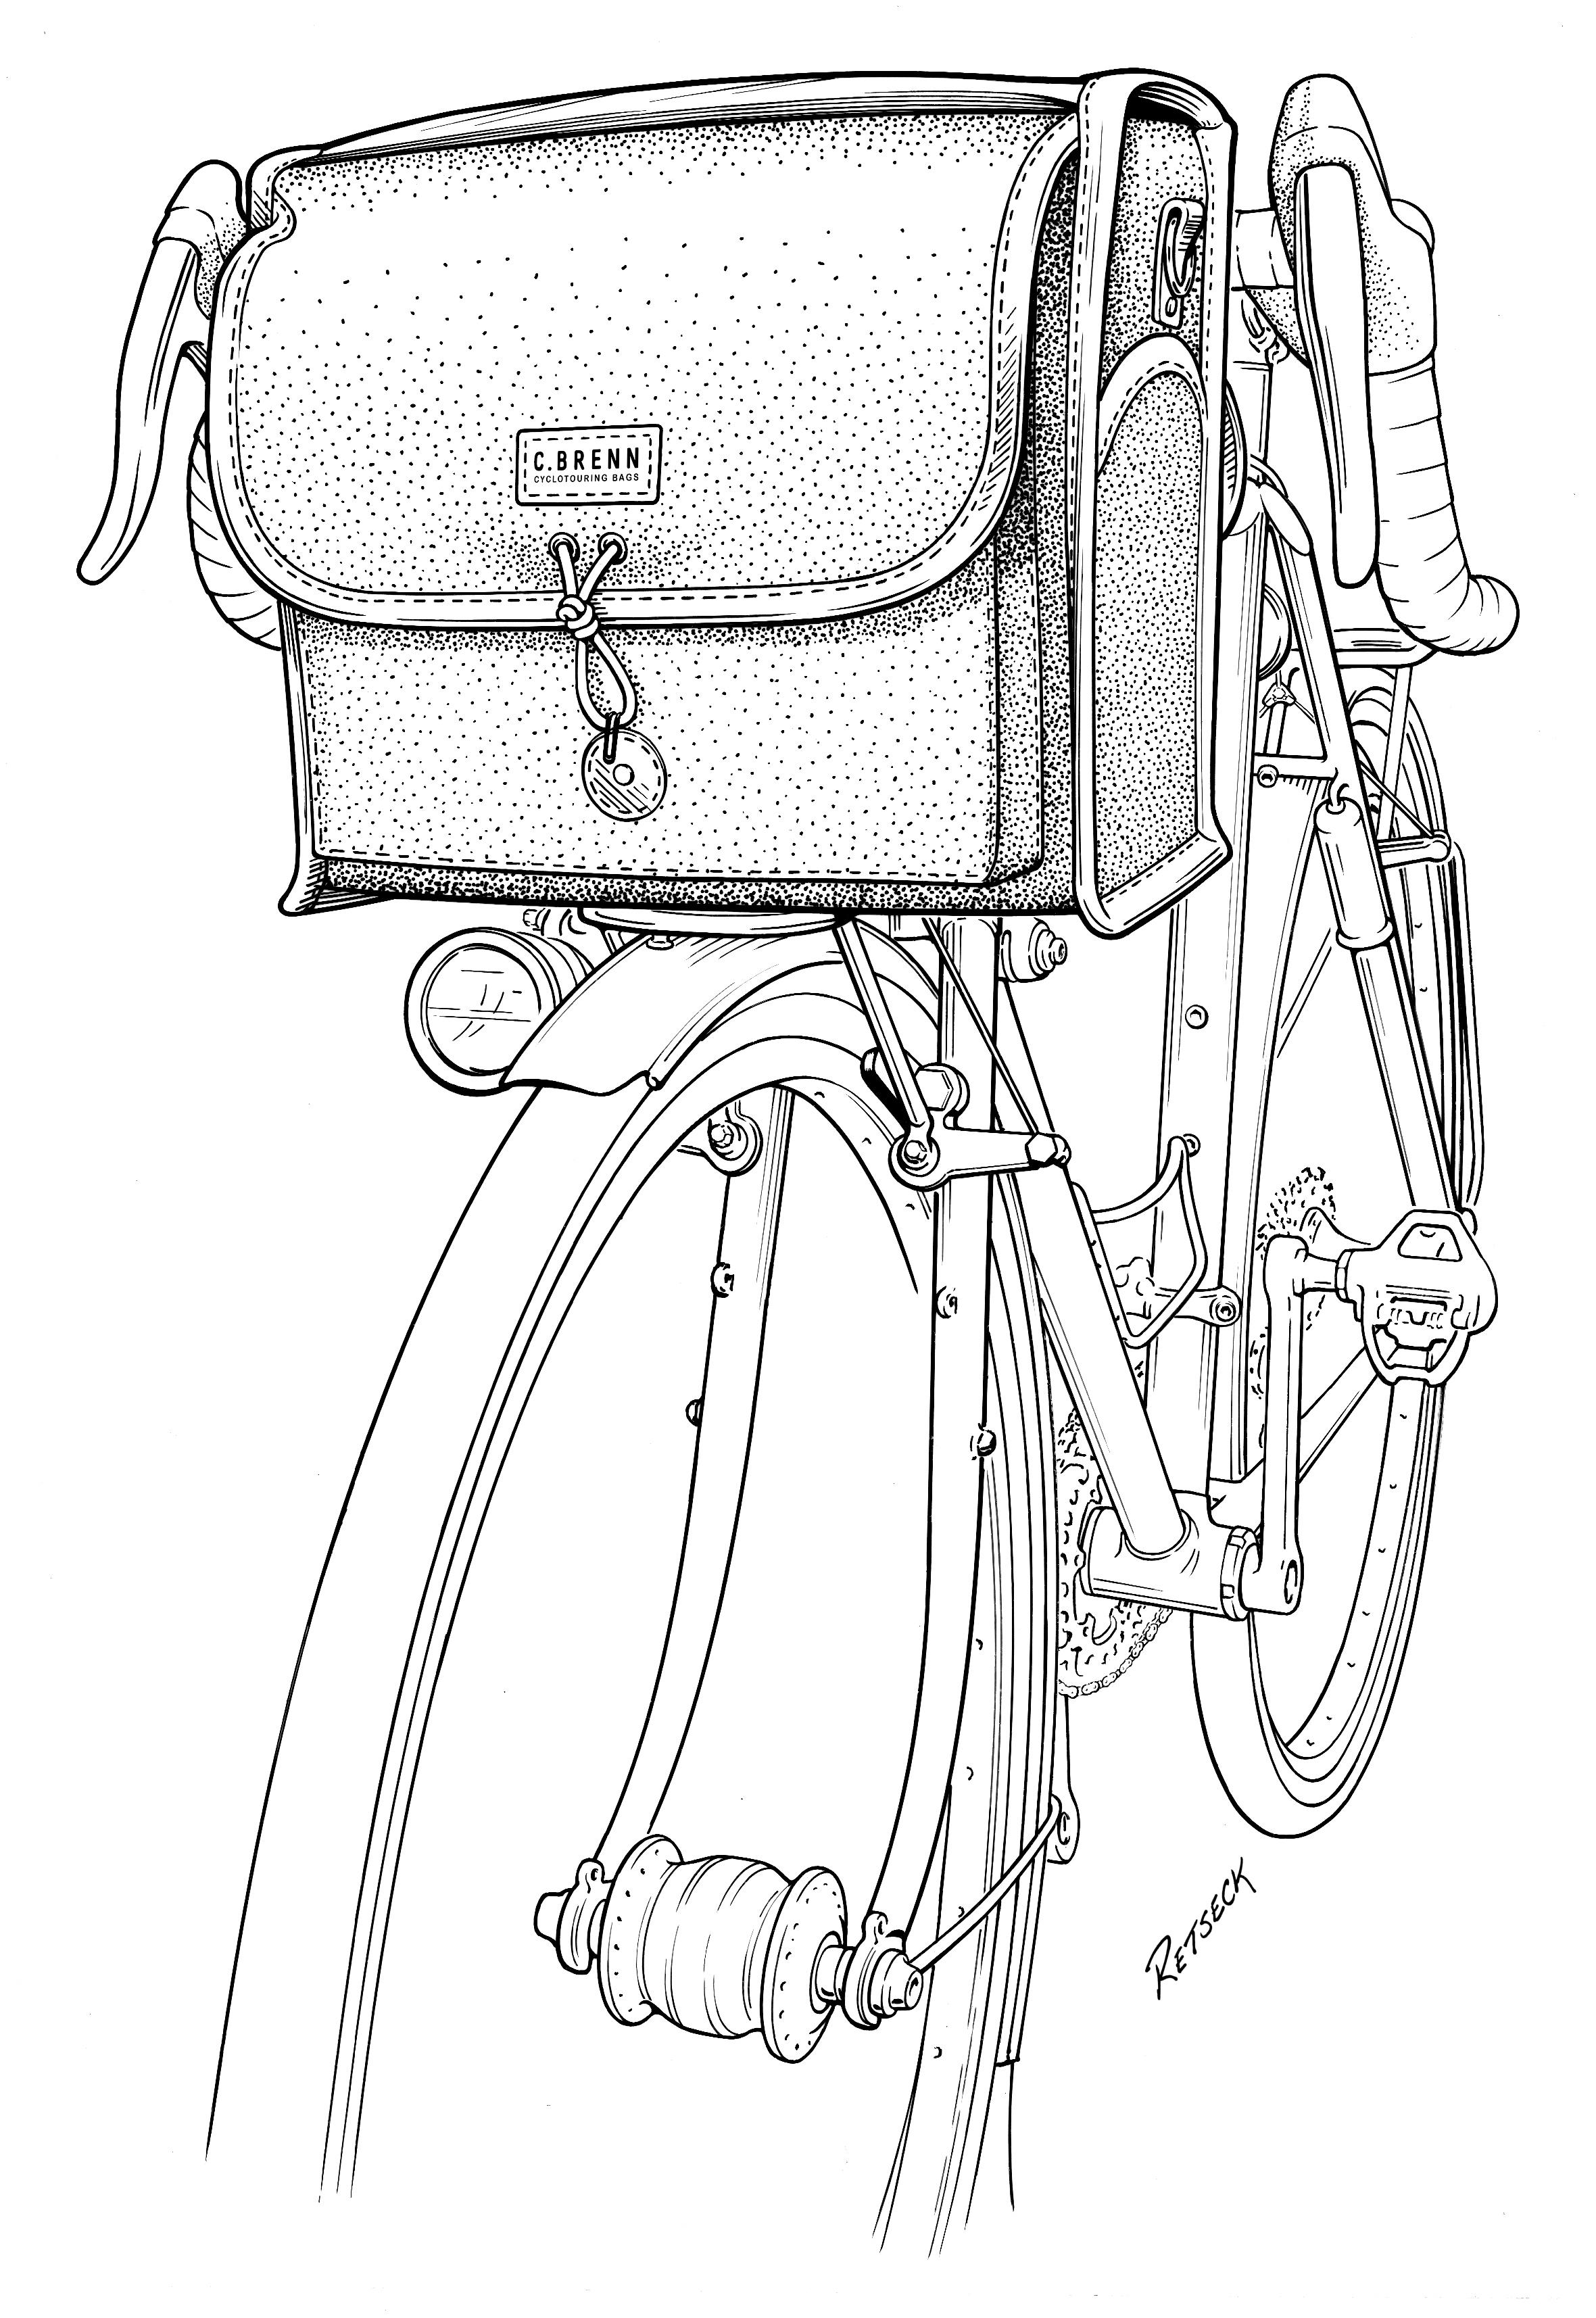 C. Brenn Cyclotouring Bags